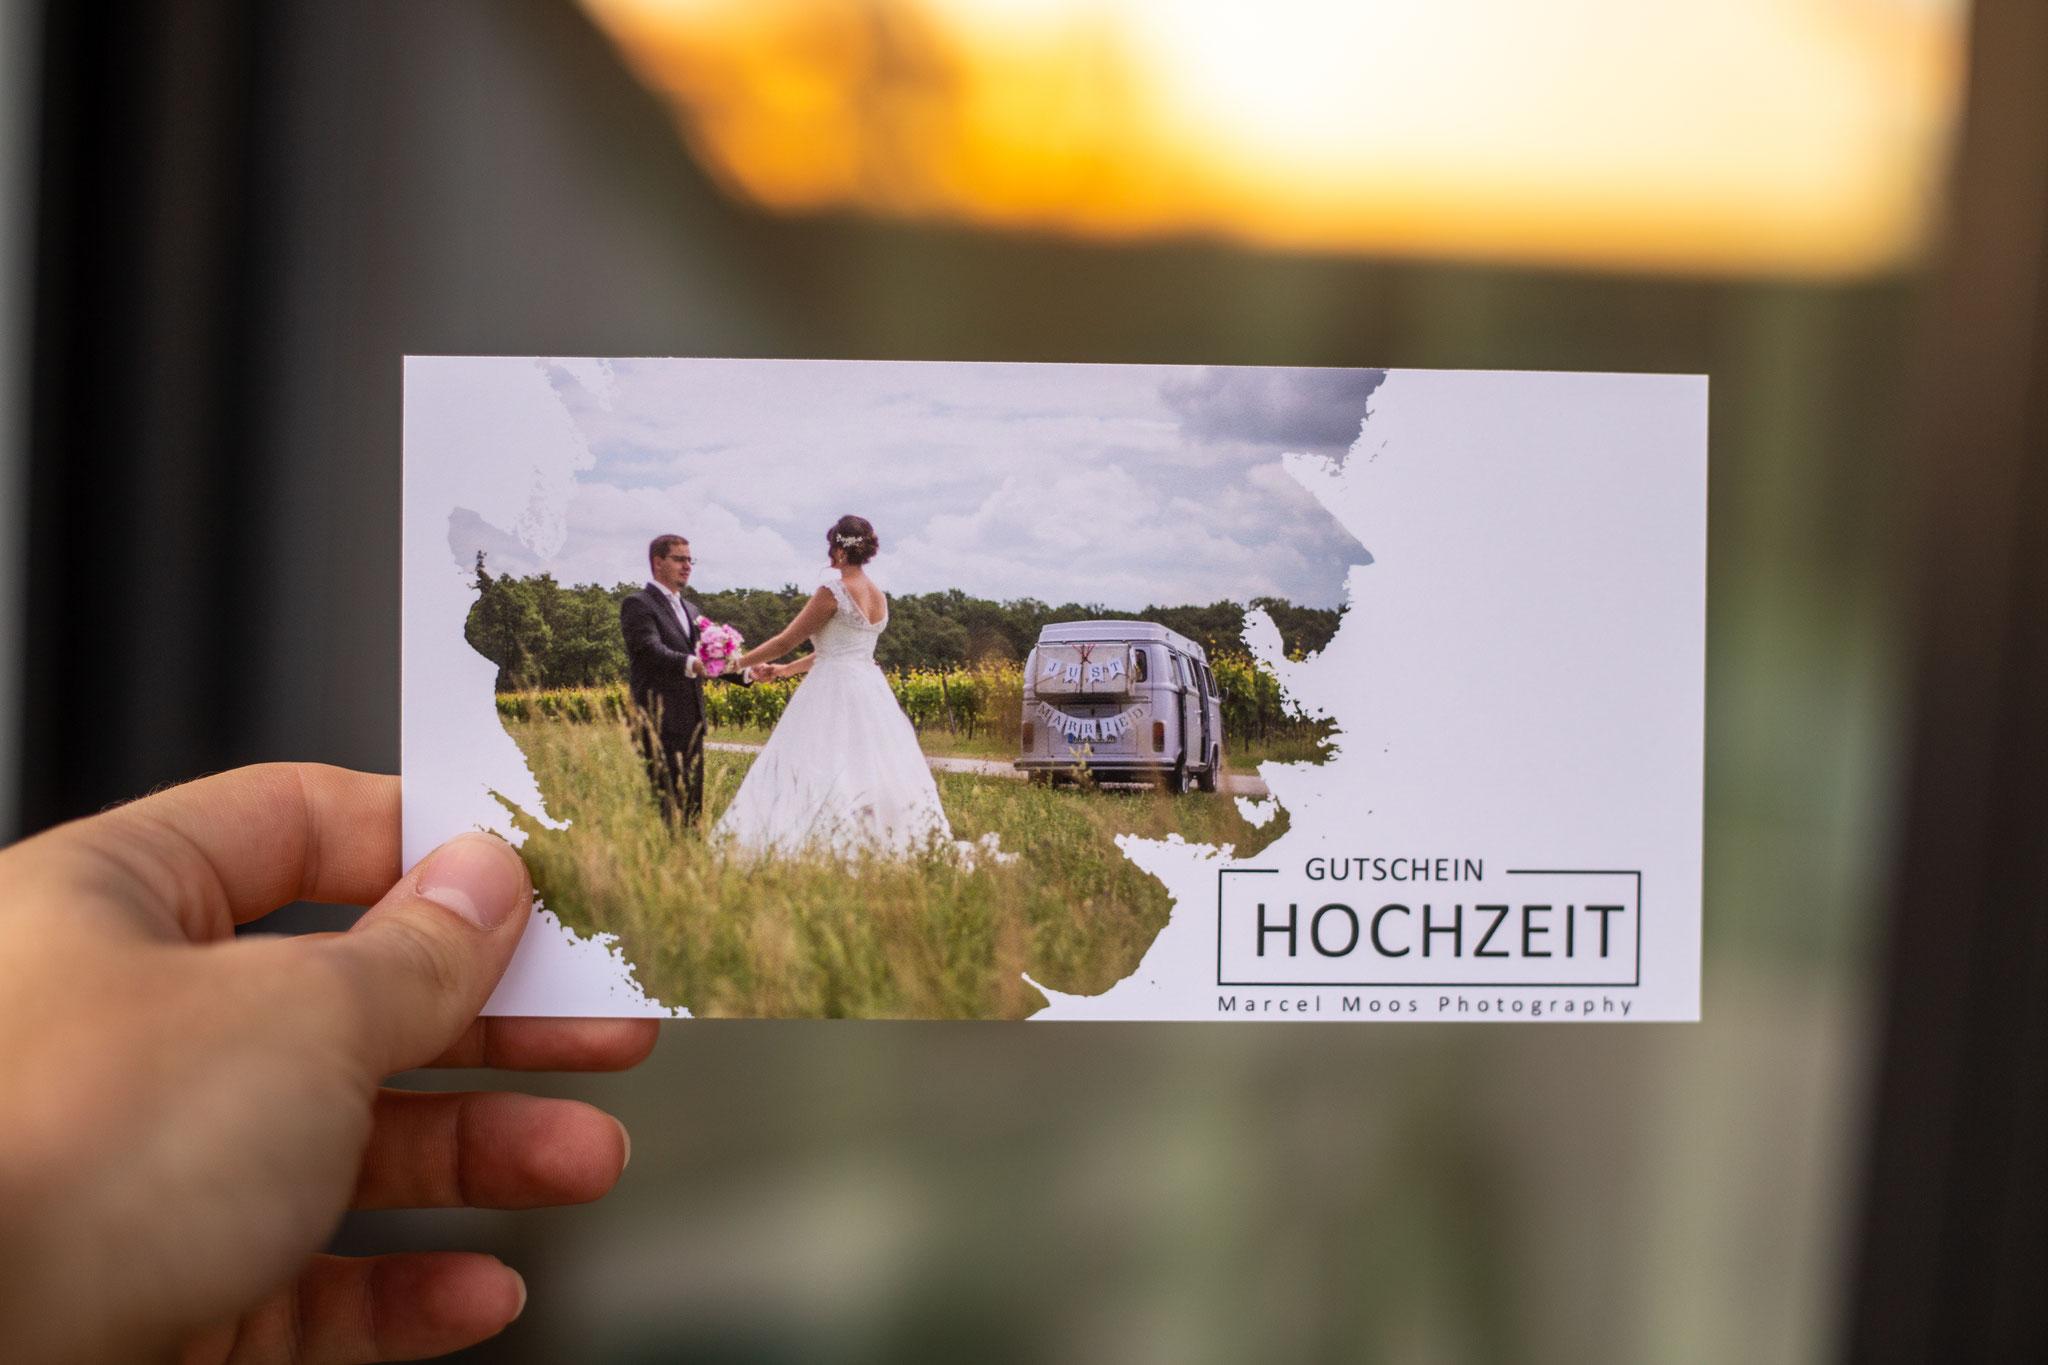 Hochzeit Design